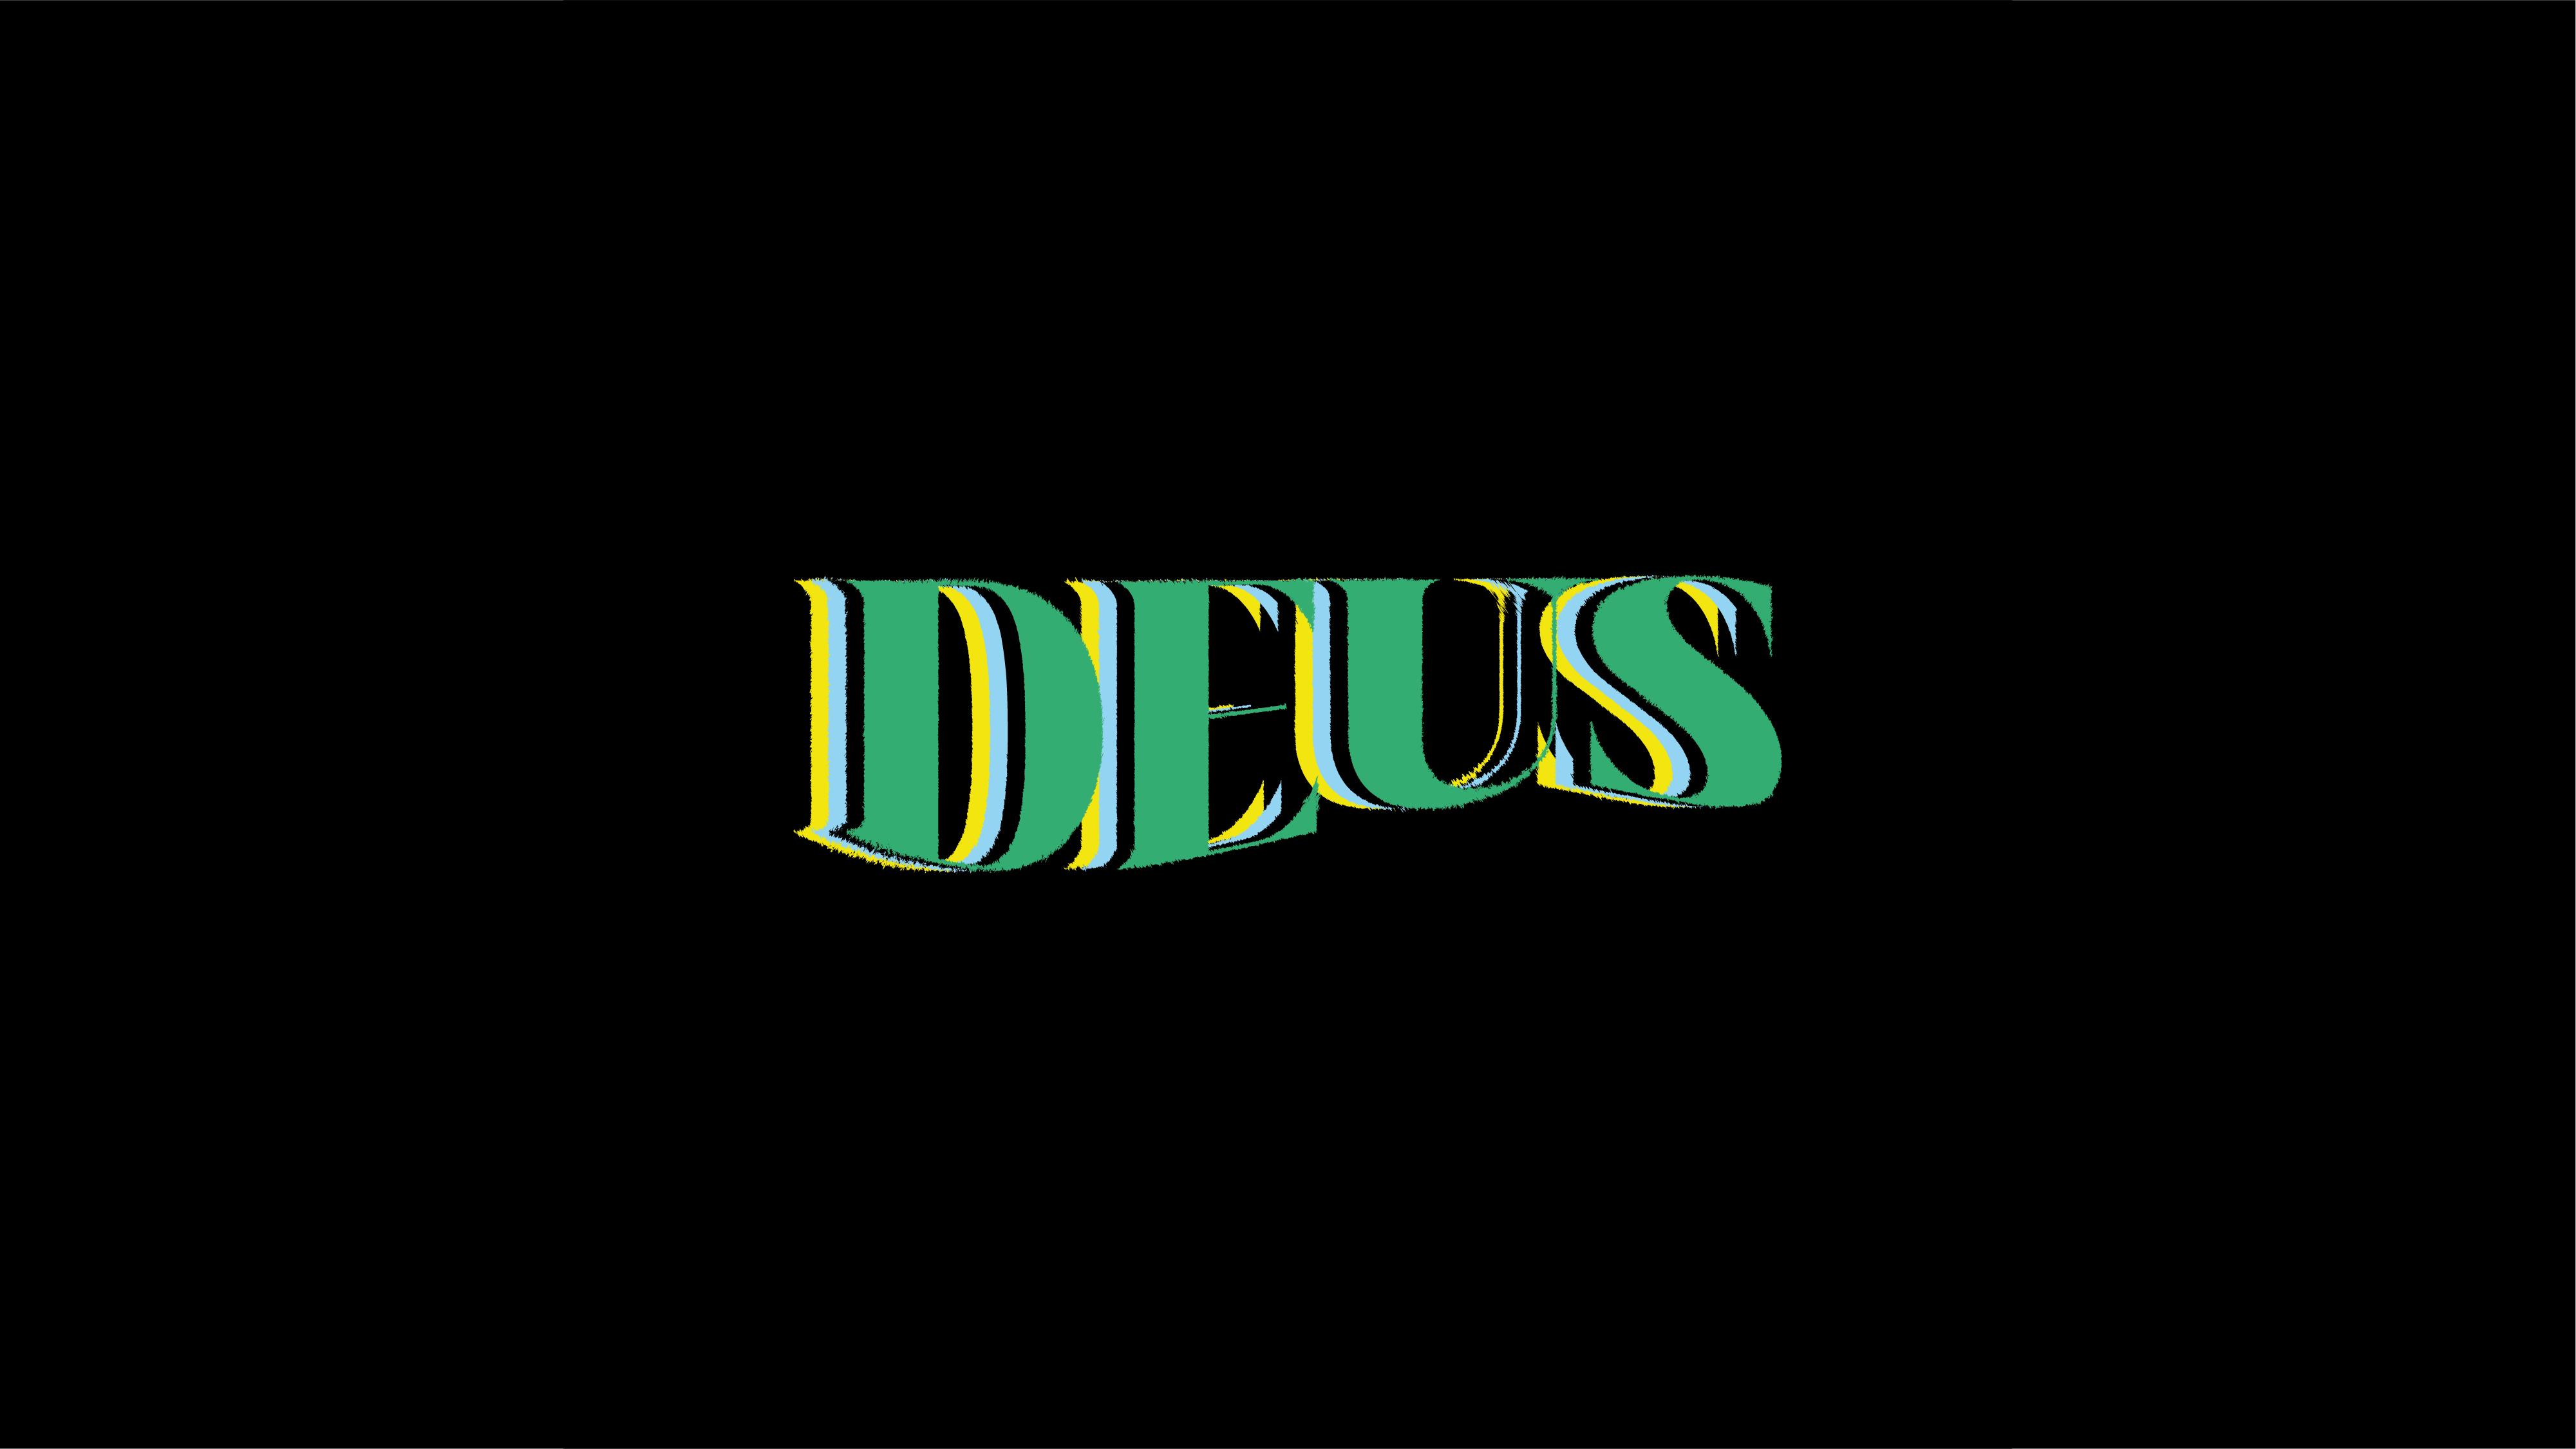 Deus_Quarentee-11